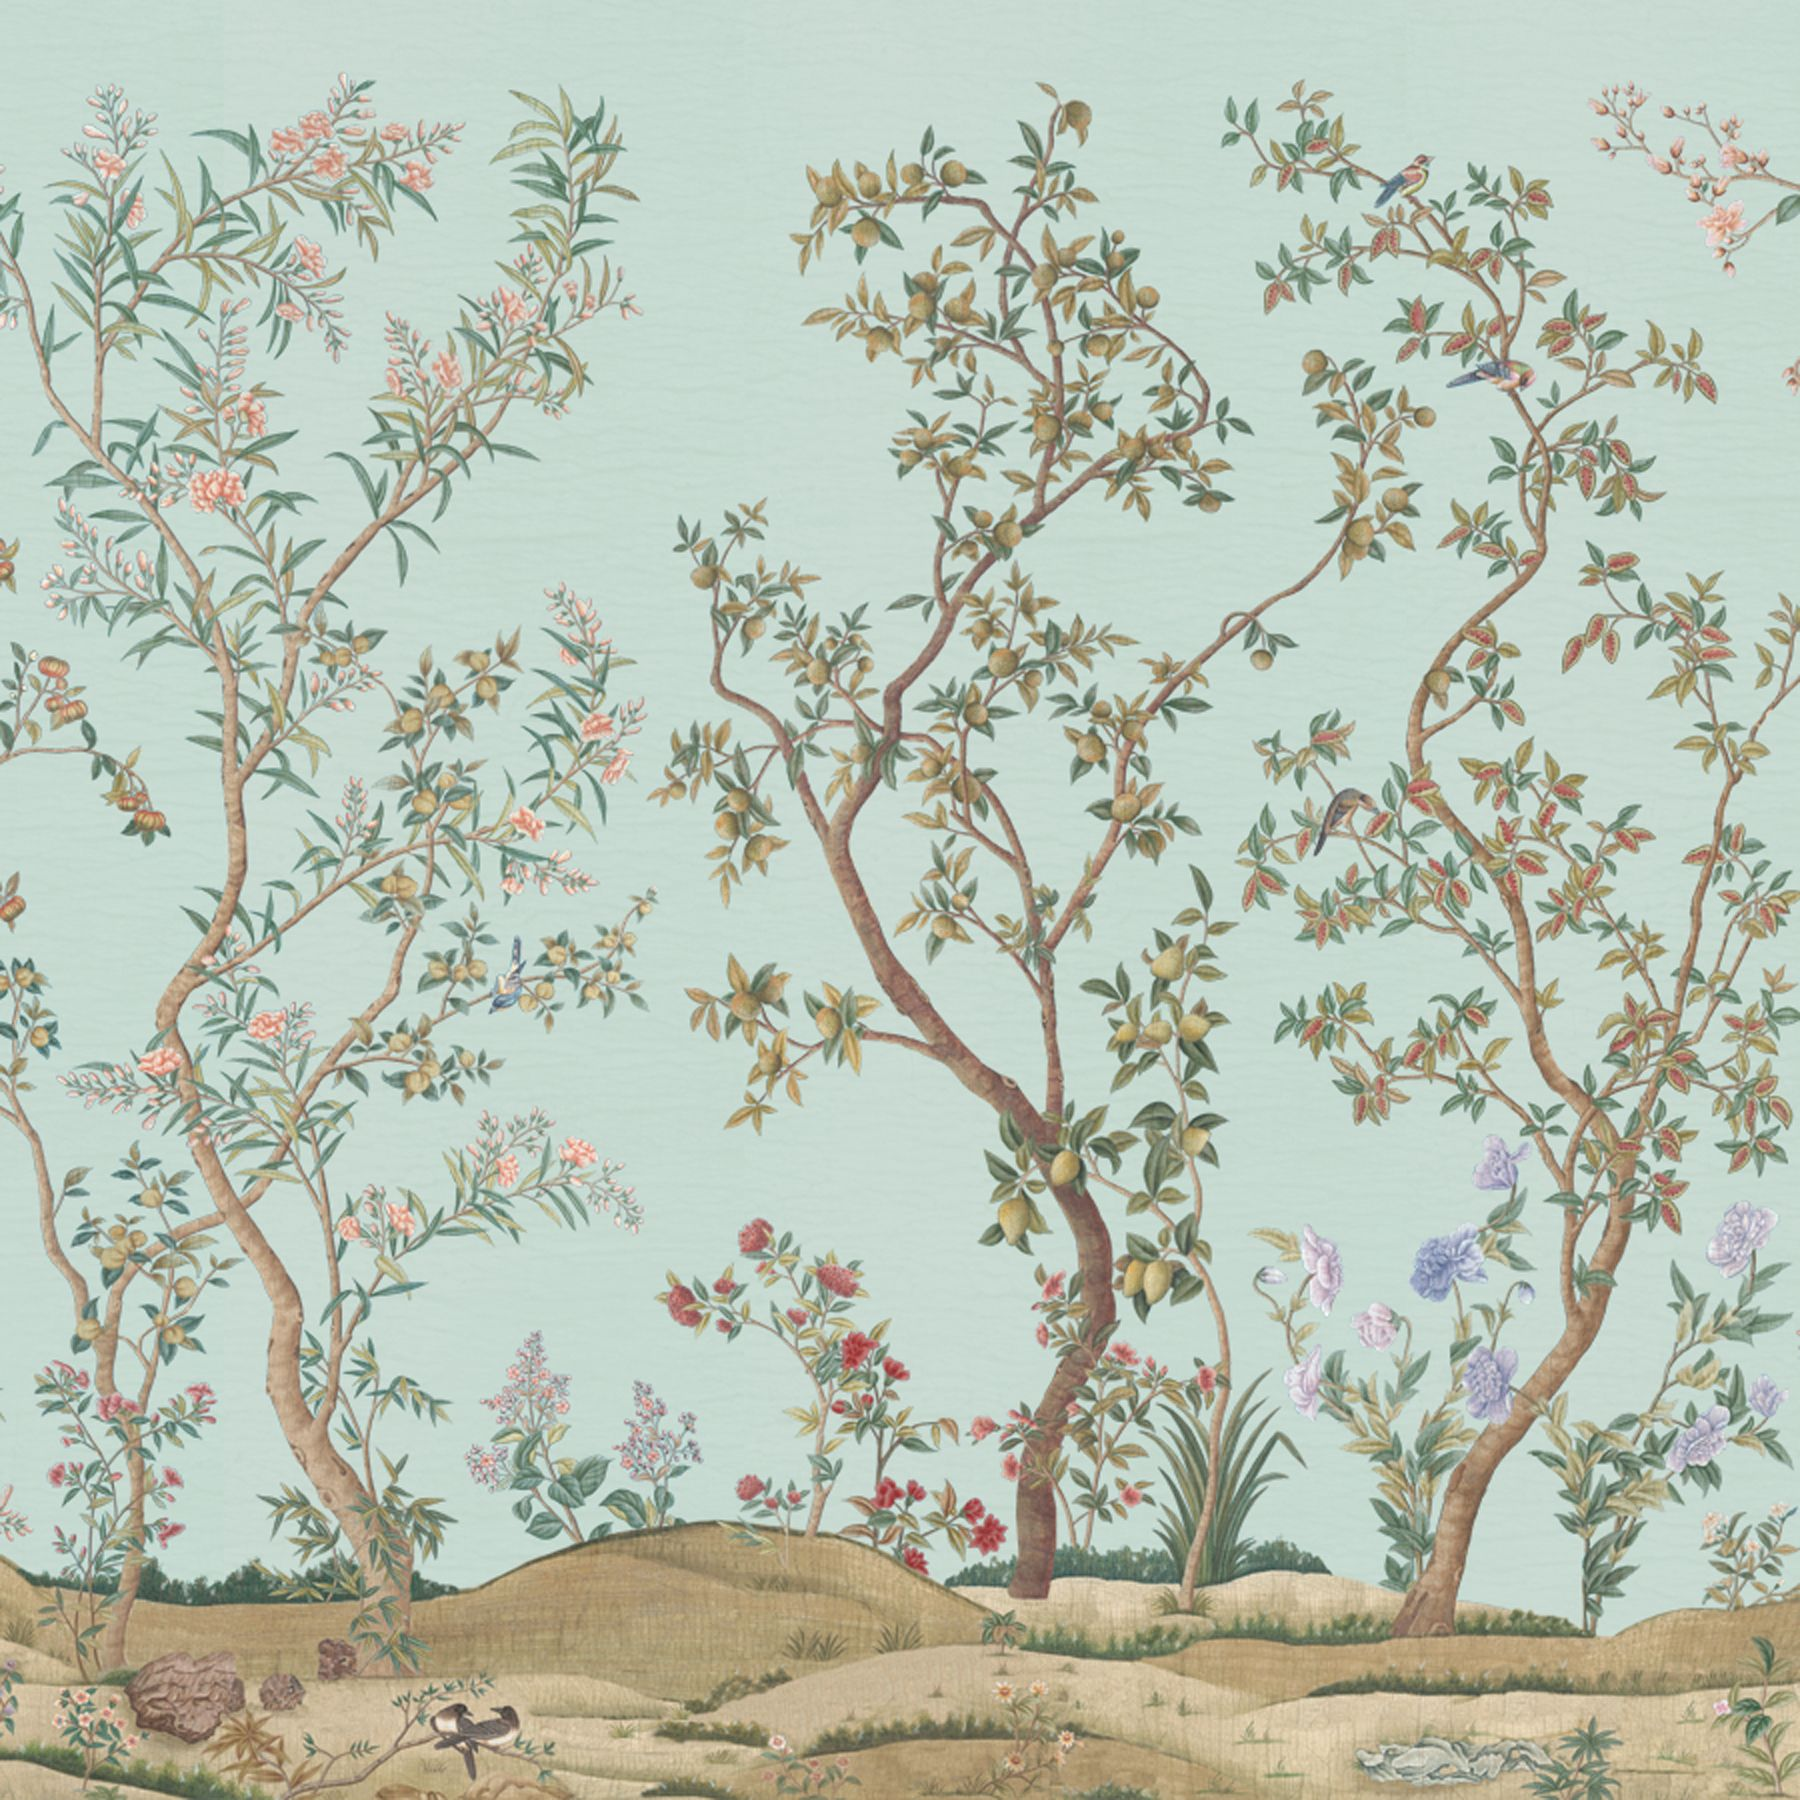 Imperial Garden IK3104 in Celadon Panel by Iksel for